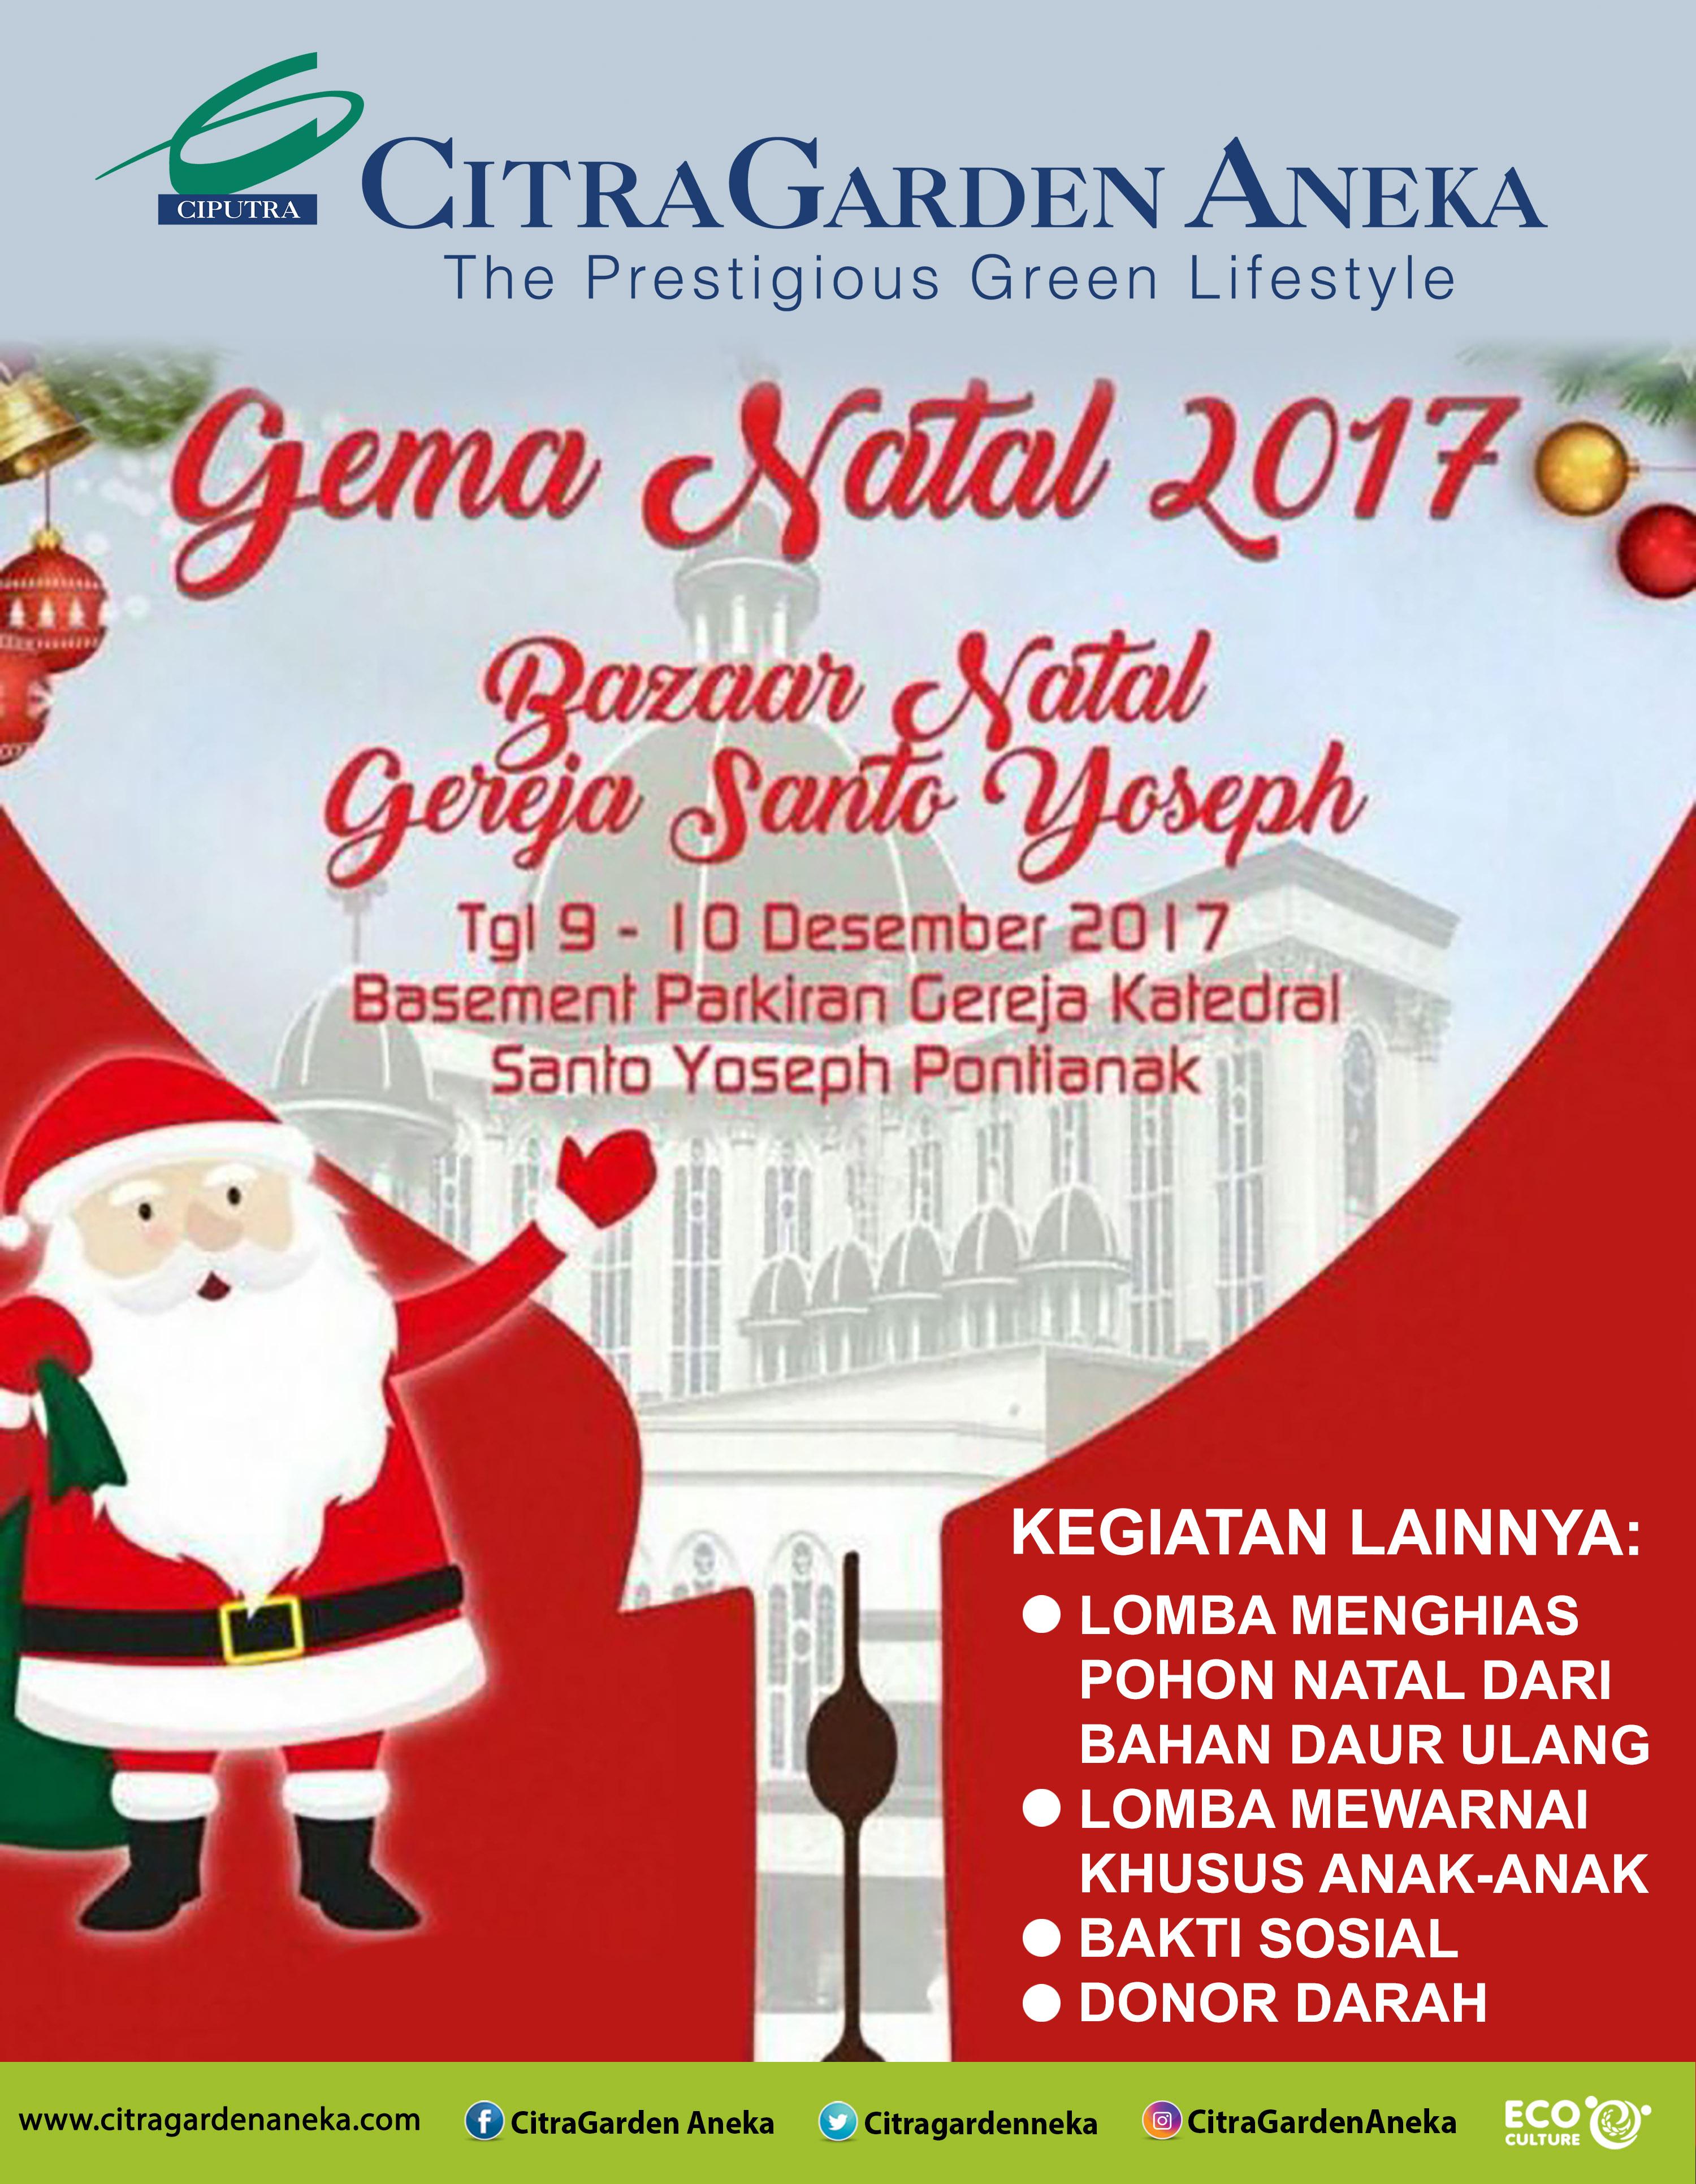 Gema Natal 2017 - Bazaar Natal